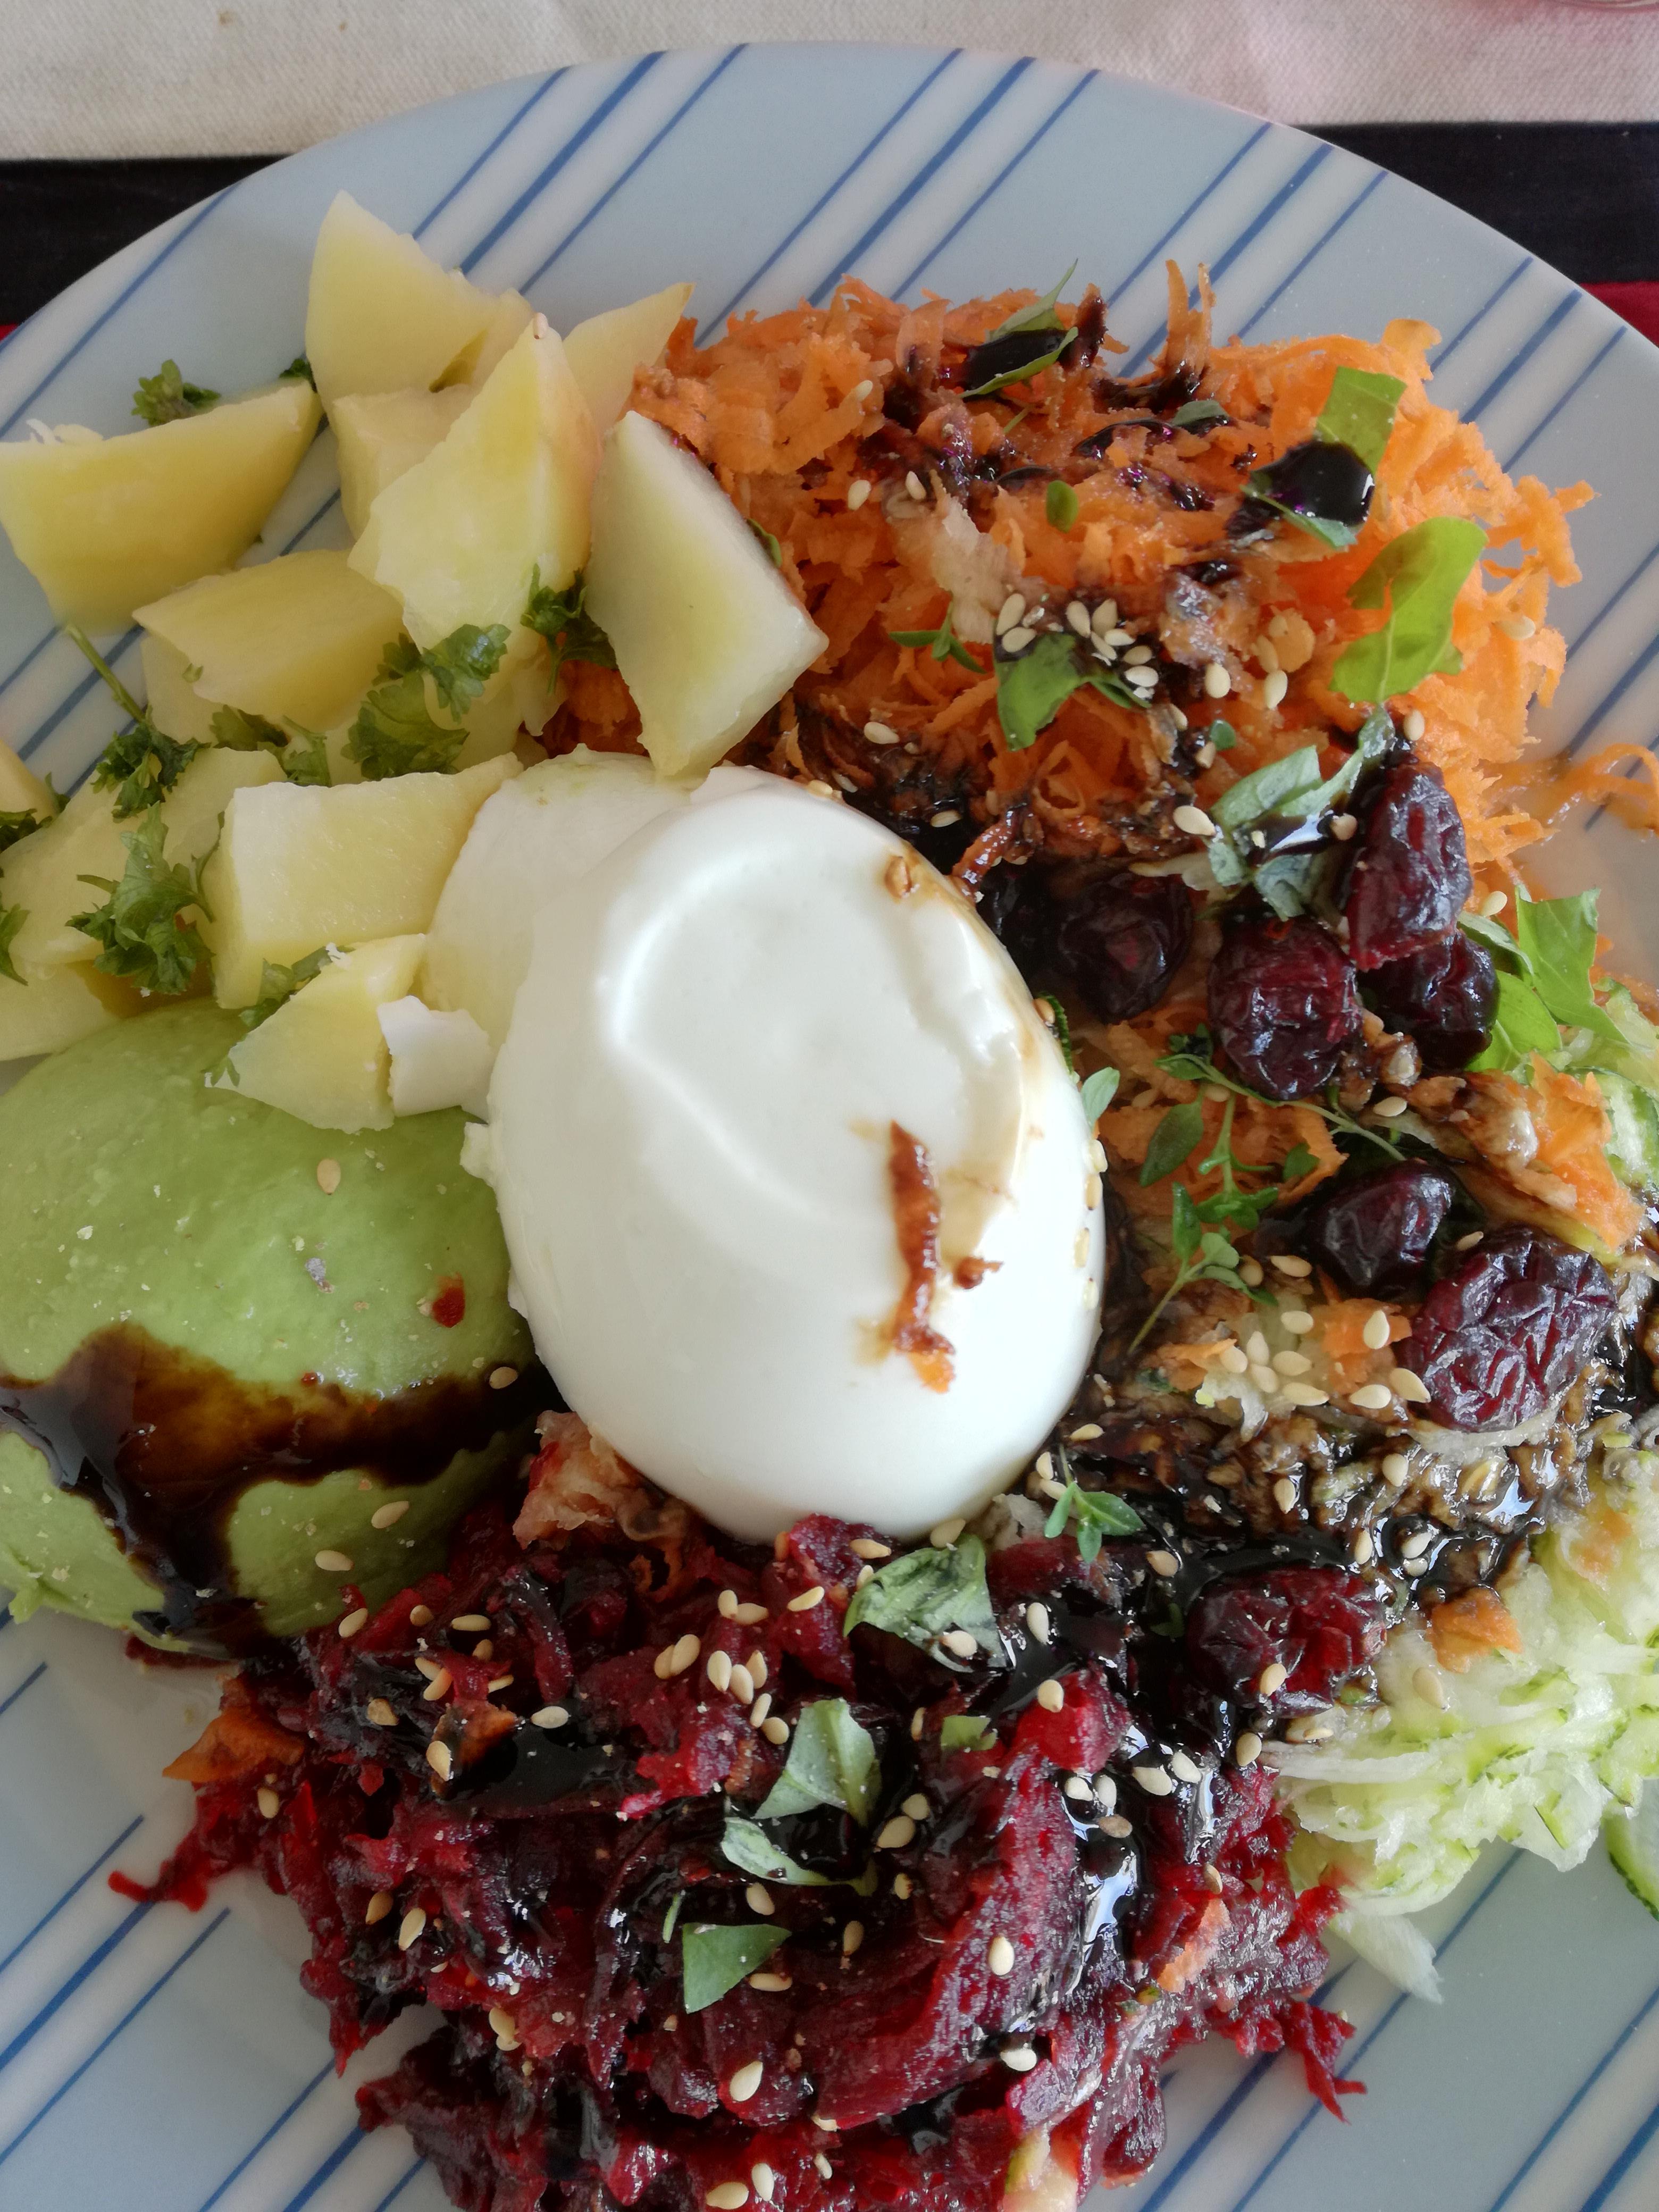 salade et repas quilibr froid rapide facile manger. Black Bedroom Furniture Sets. Home Design Ideas